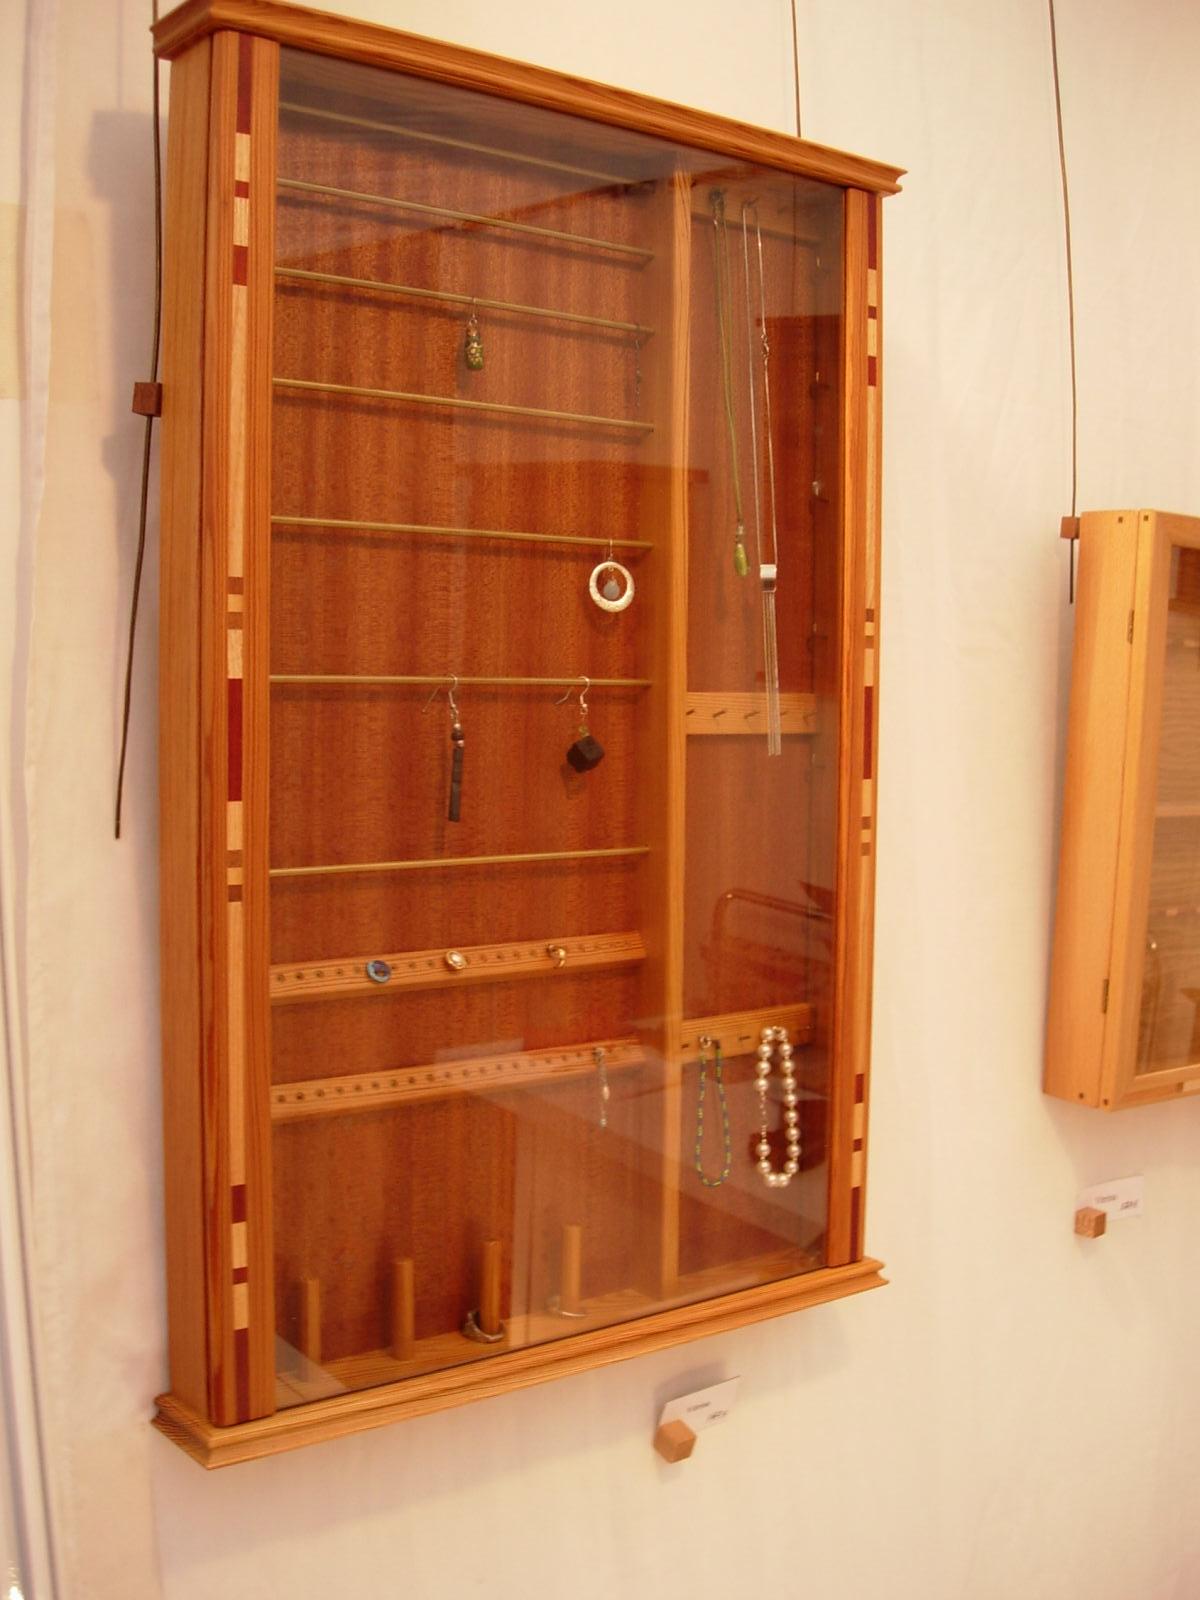 Sjuan ebanister a en madera en bilbao muebles artesanales a medida vitrinas - Madera a medida ...